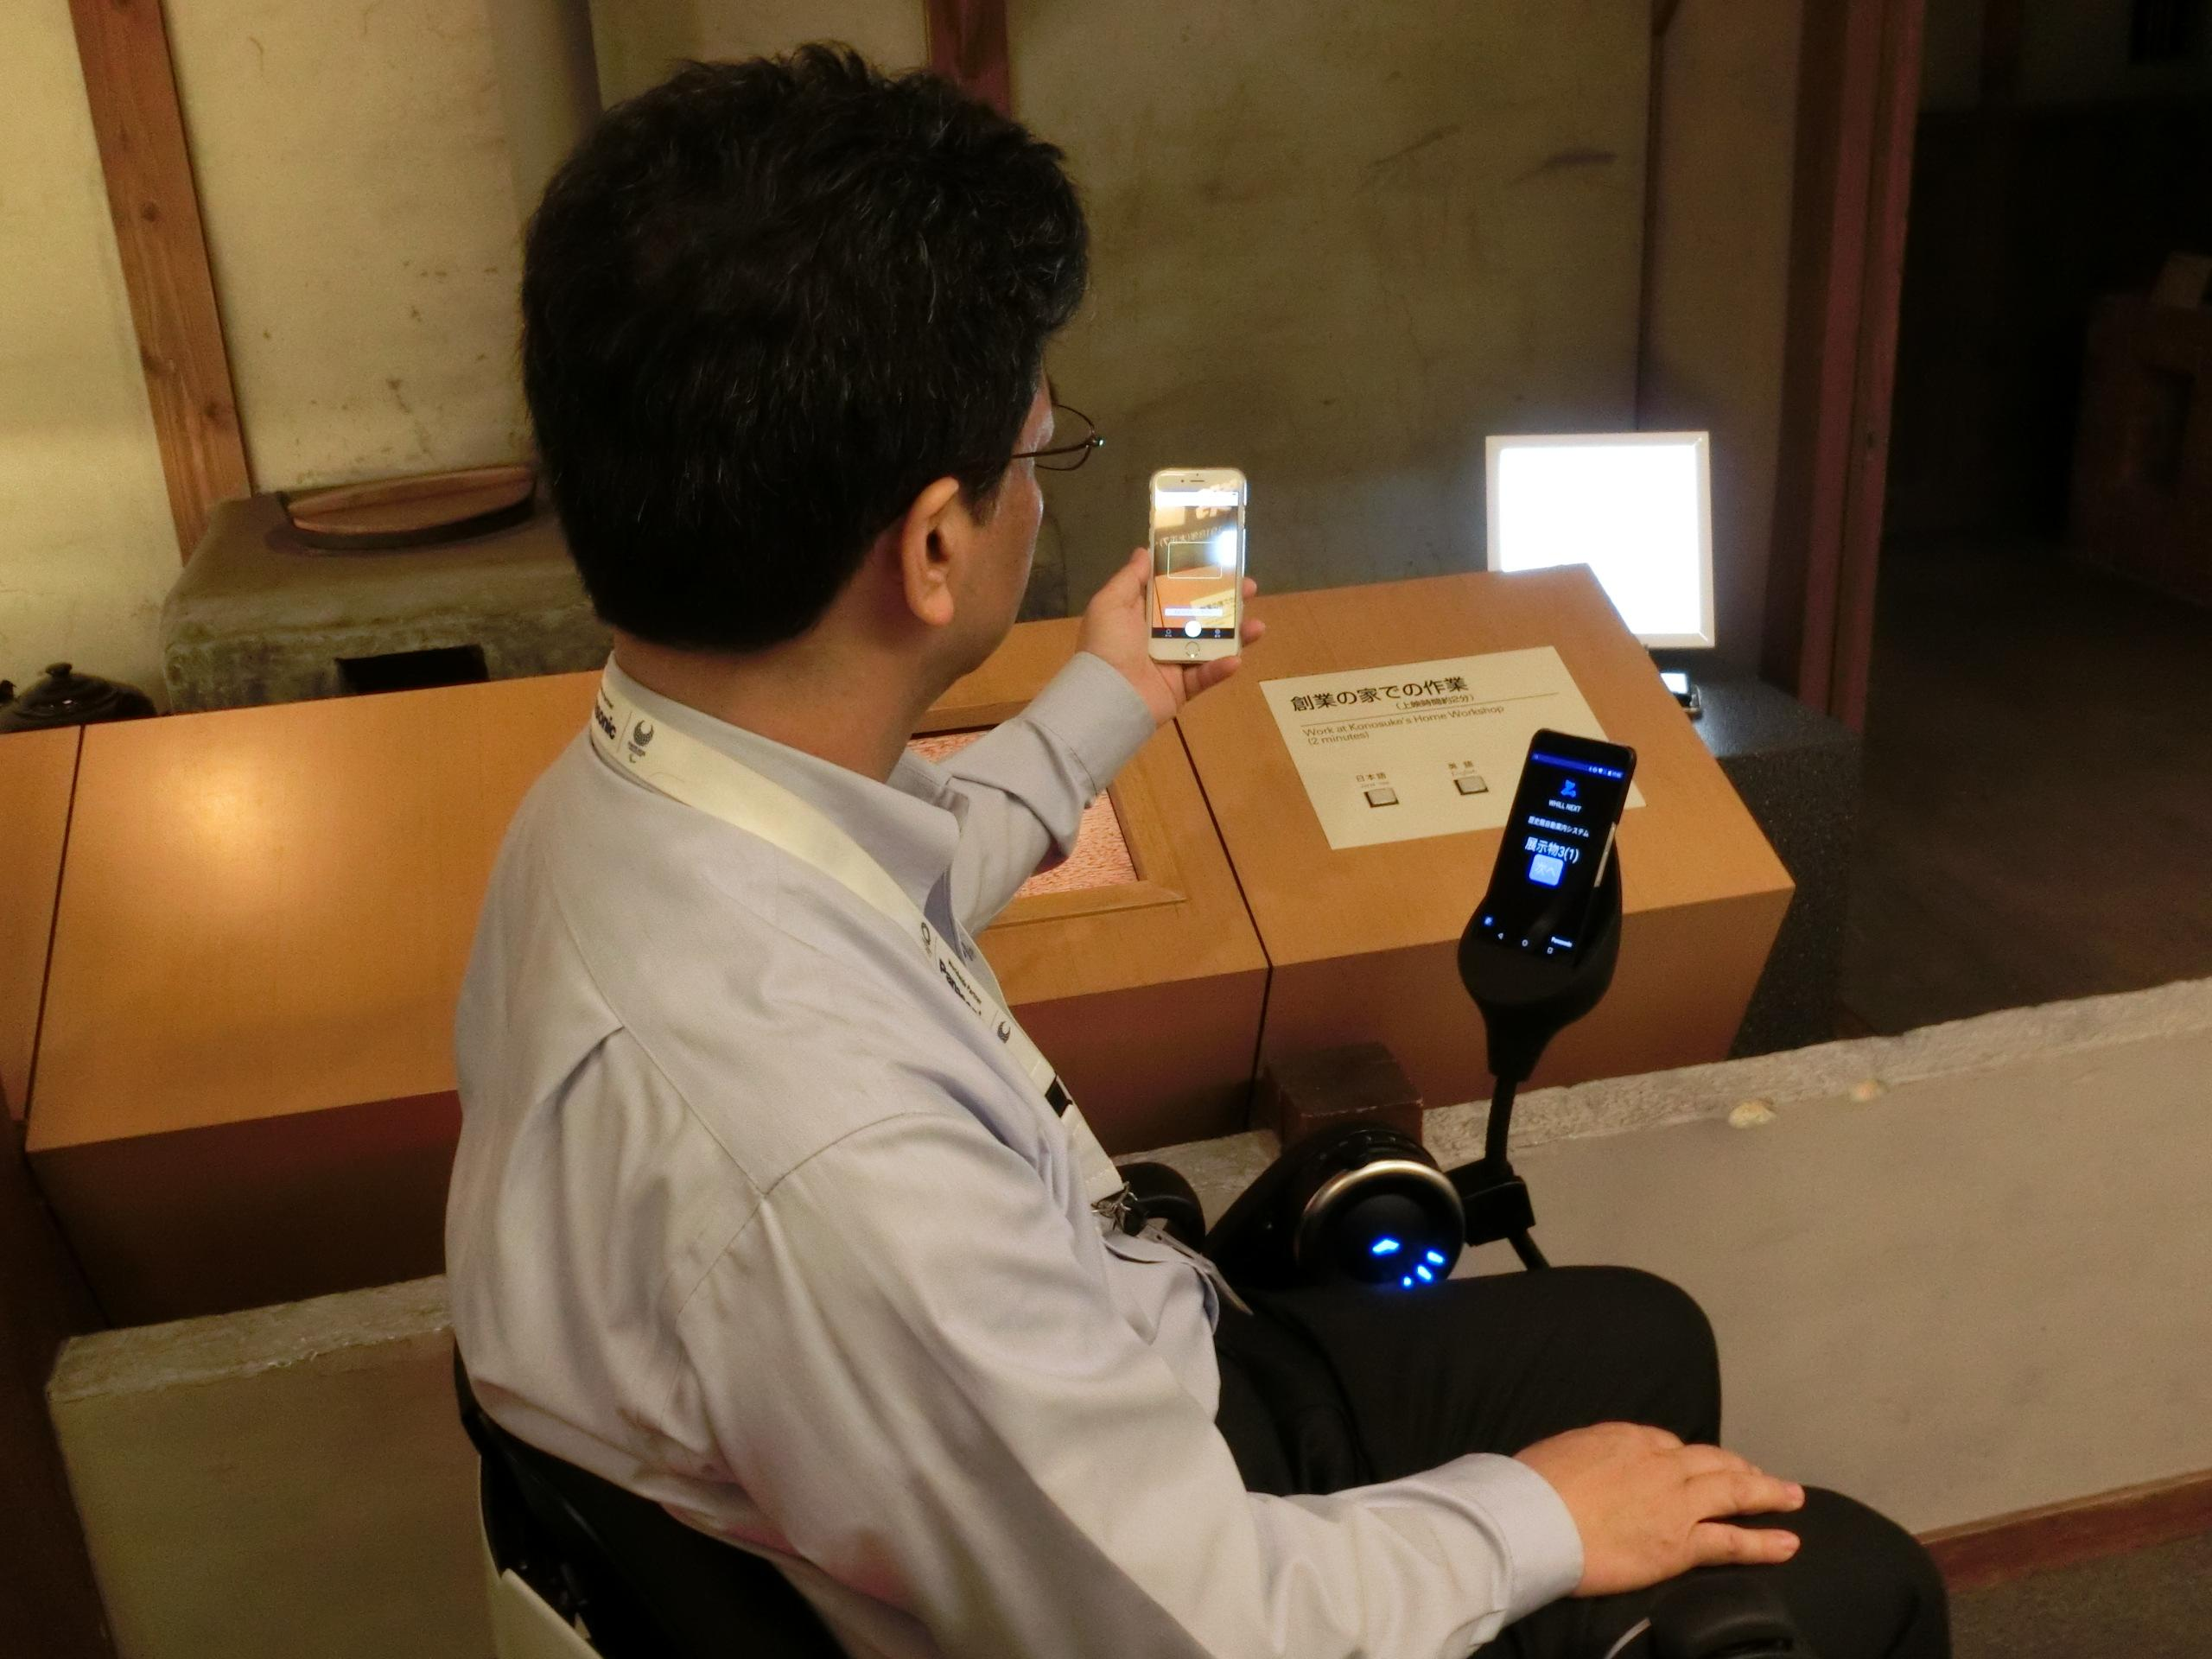 松下幸之助歴史館で、ロボット電動車いすやITツールを活用した障がい者支援の実証実験を実施